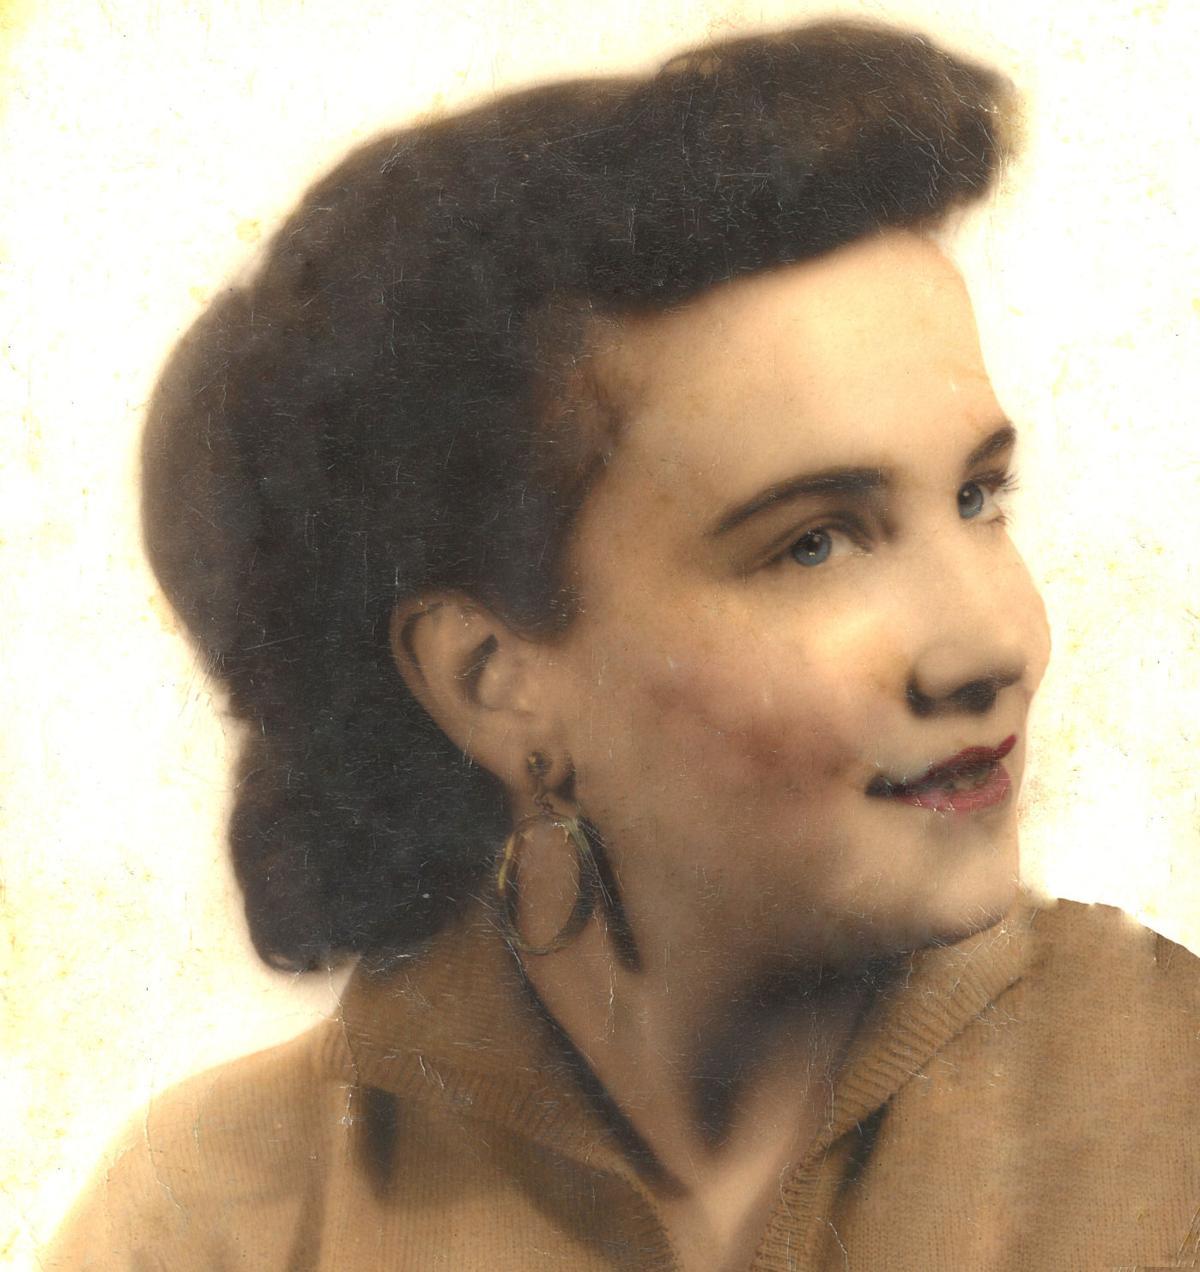 Tanner, Sylvia Deview O'Dear